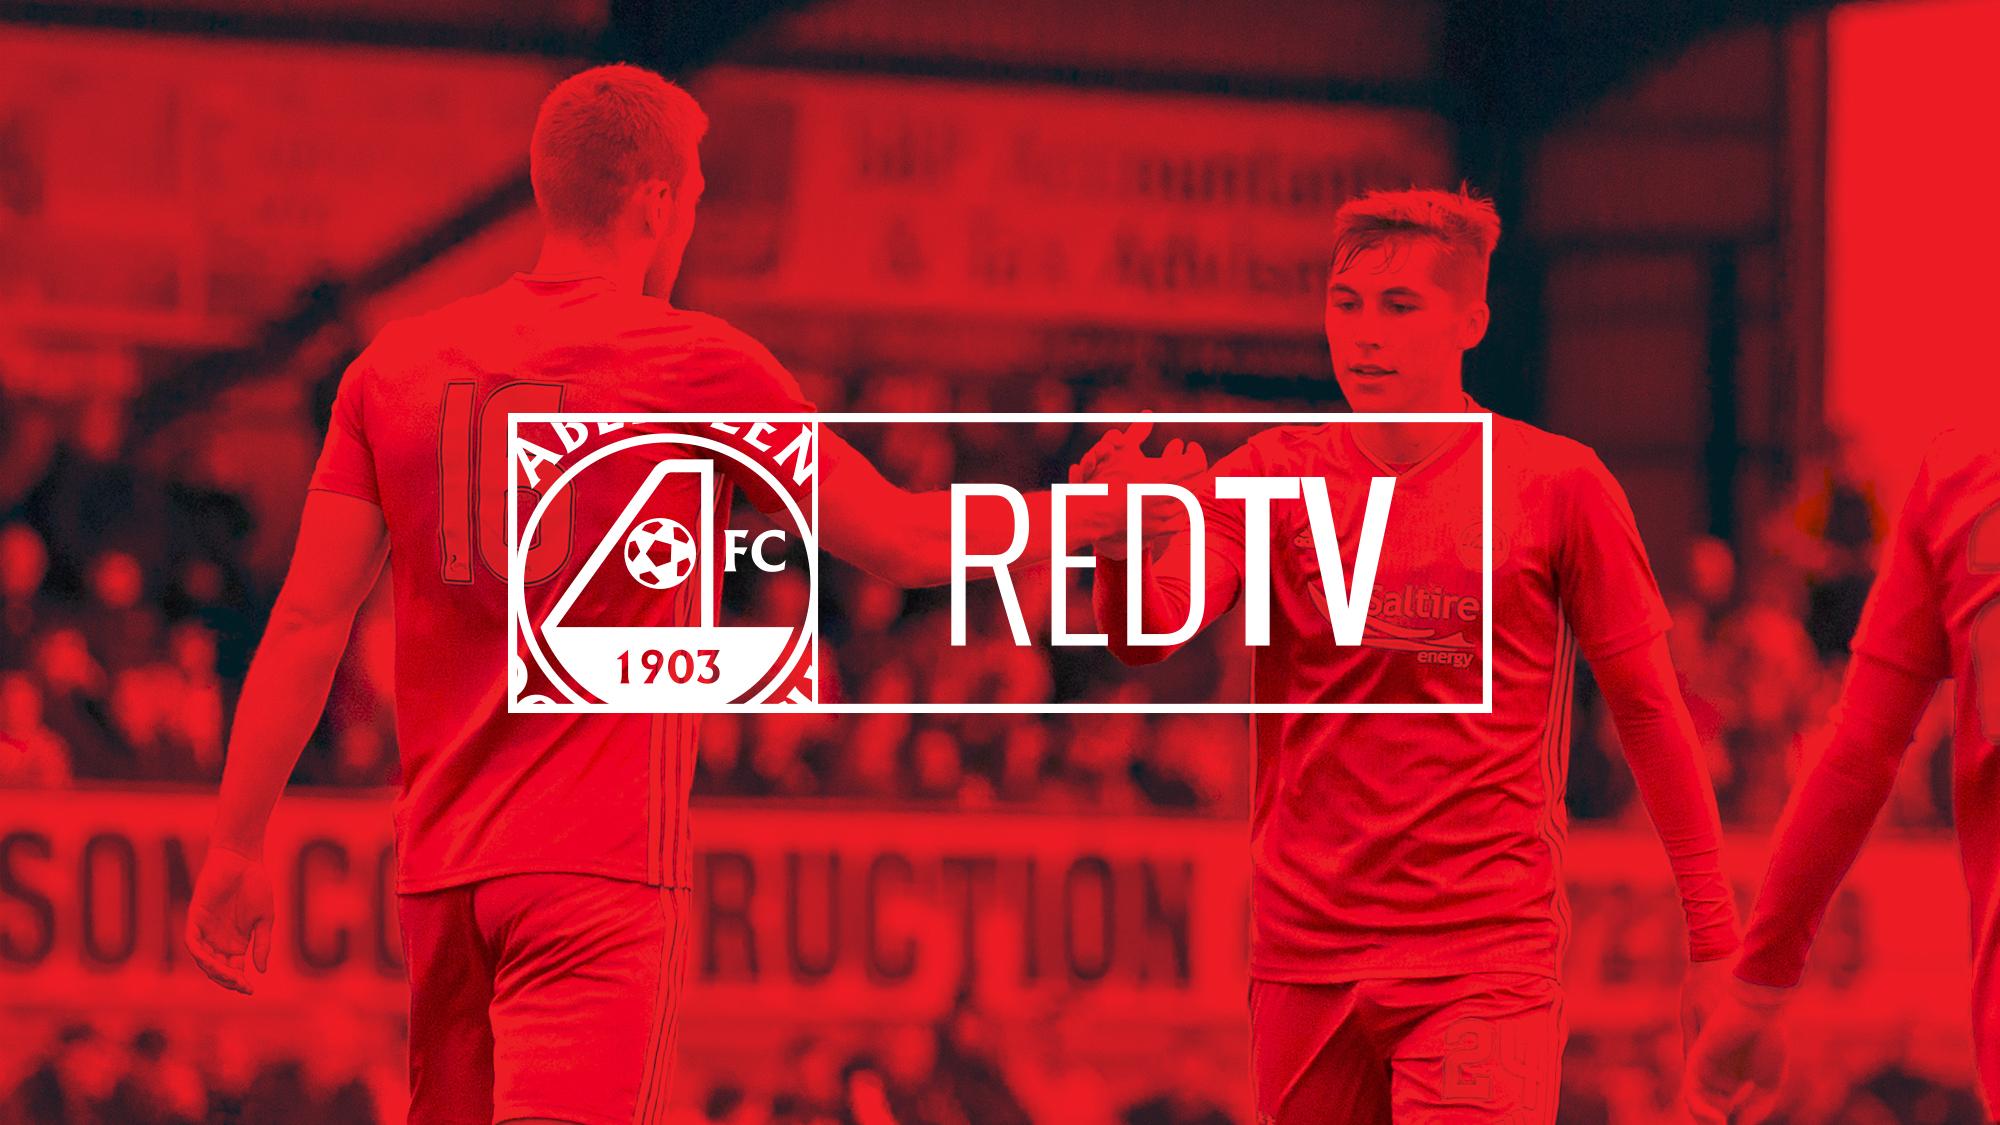 RedTV July 2019